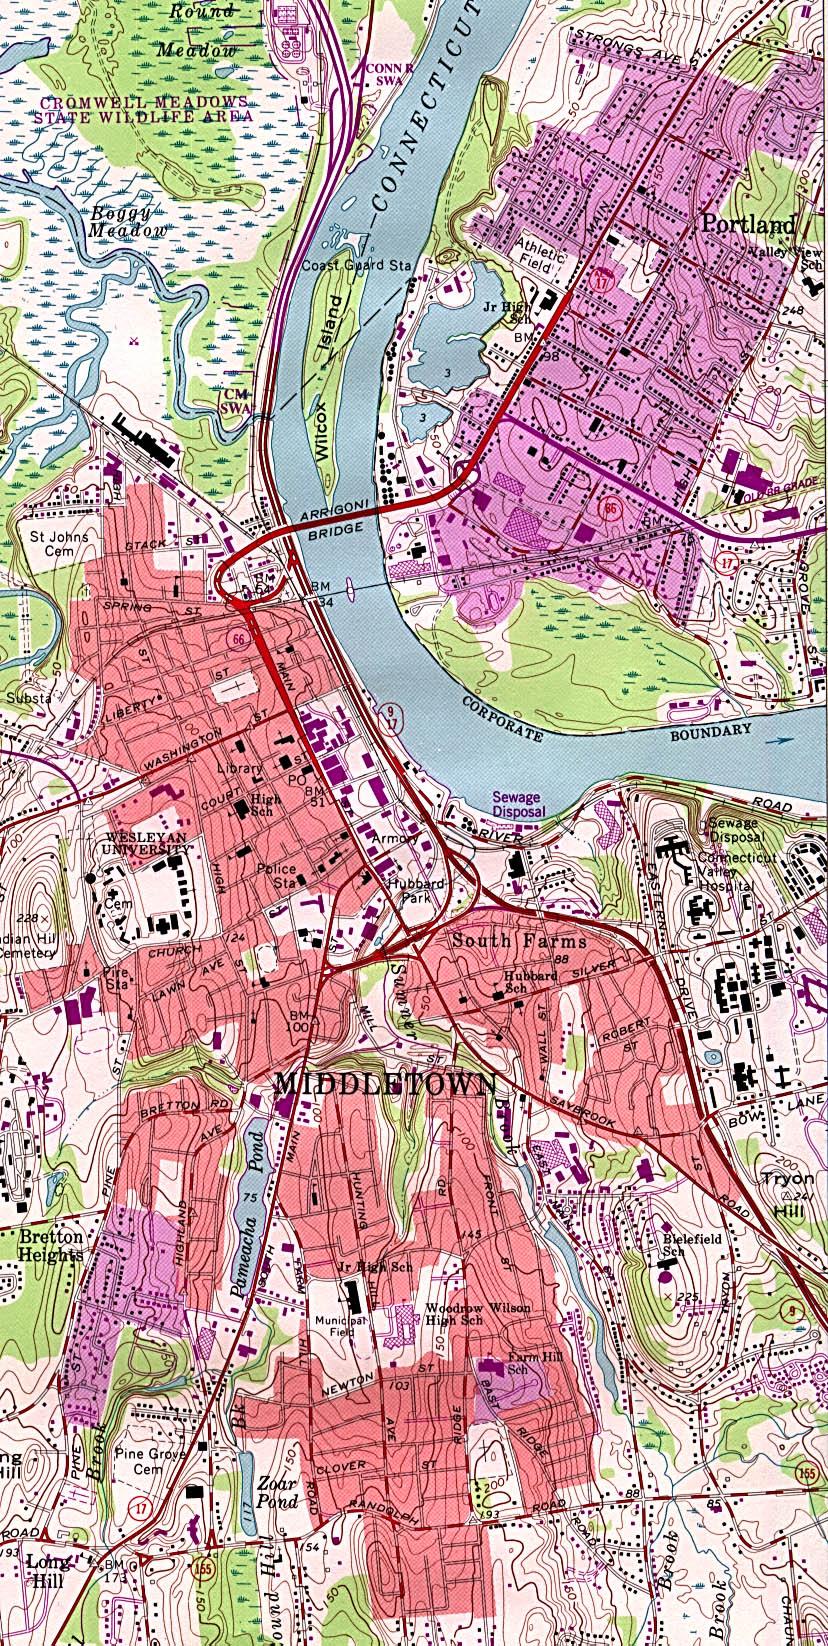 Mapa Topográfico de la Ciudad de Middletown, Connecticut, Estados Unidos